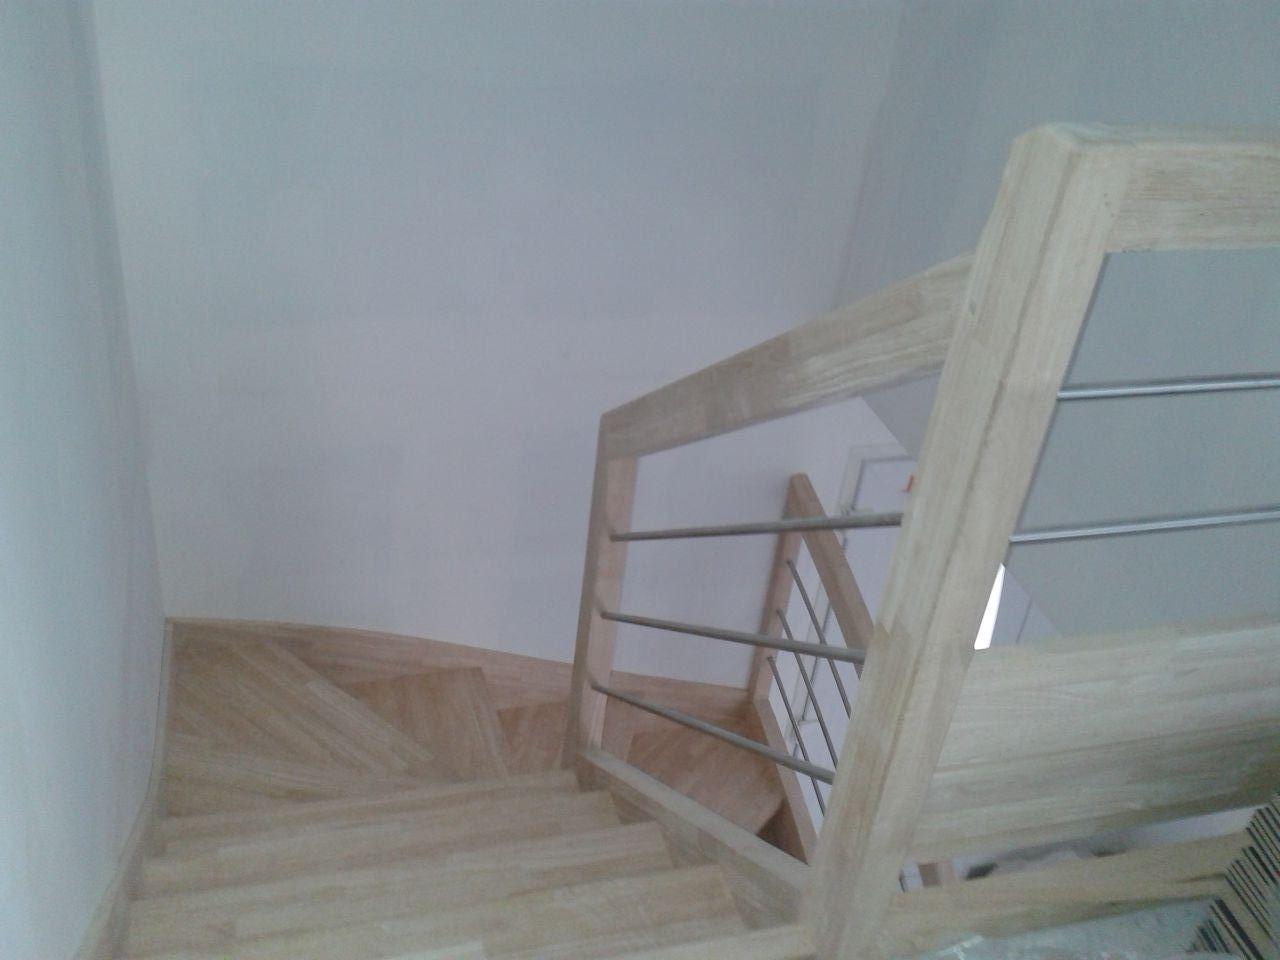 Joints de placo termin le 27 02 2014 empierrement fait le 24 02 14 pose de la baignoire et for Peinture escalier vitrifie